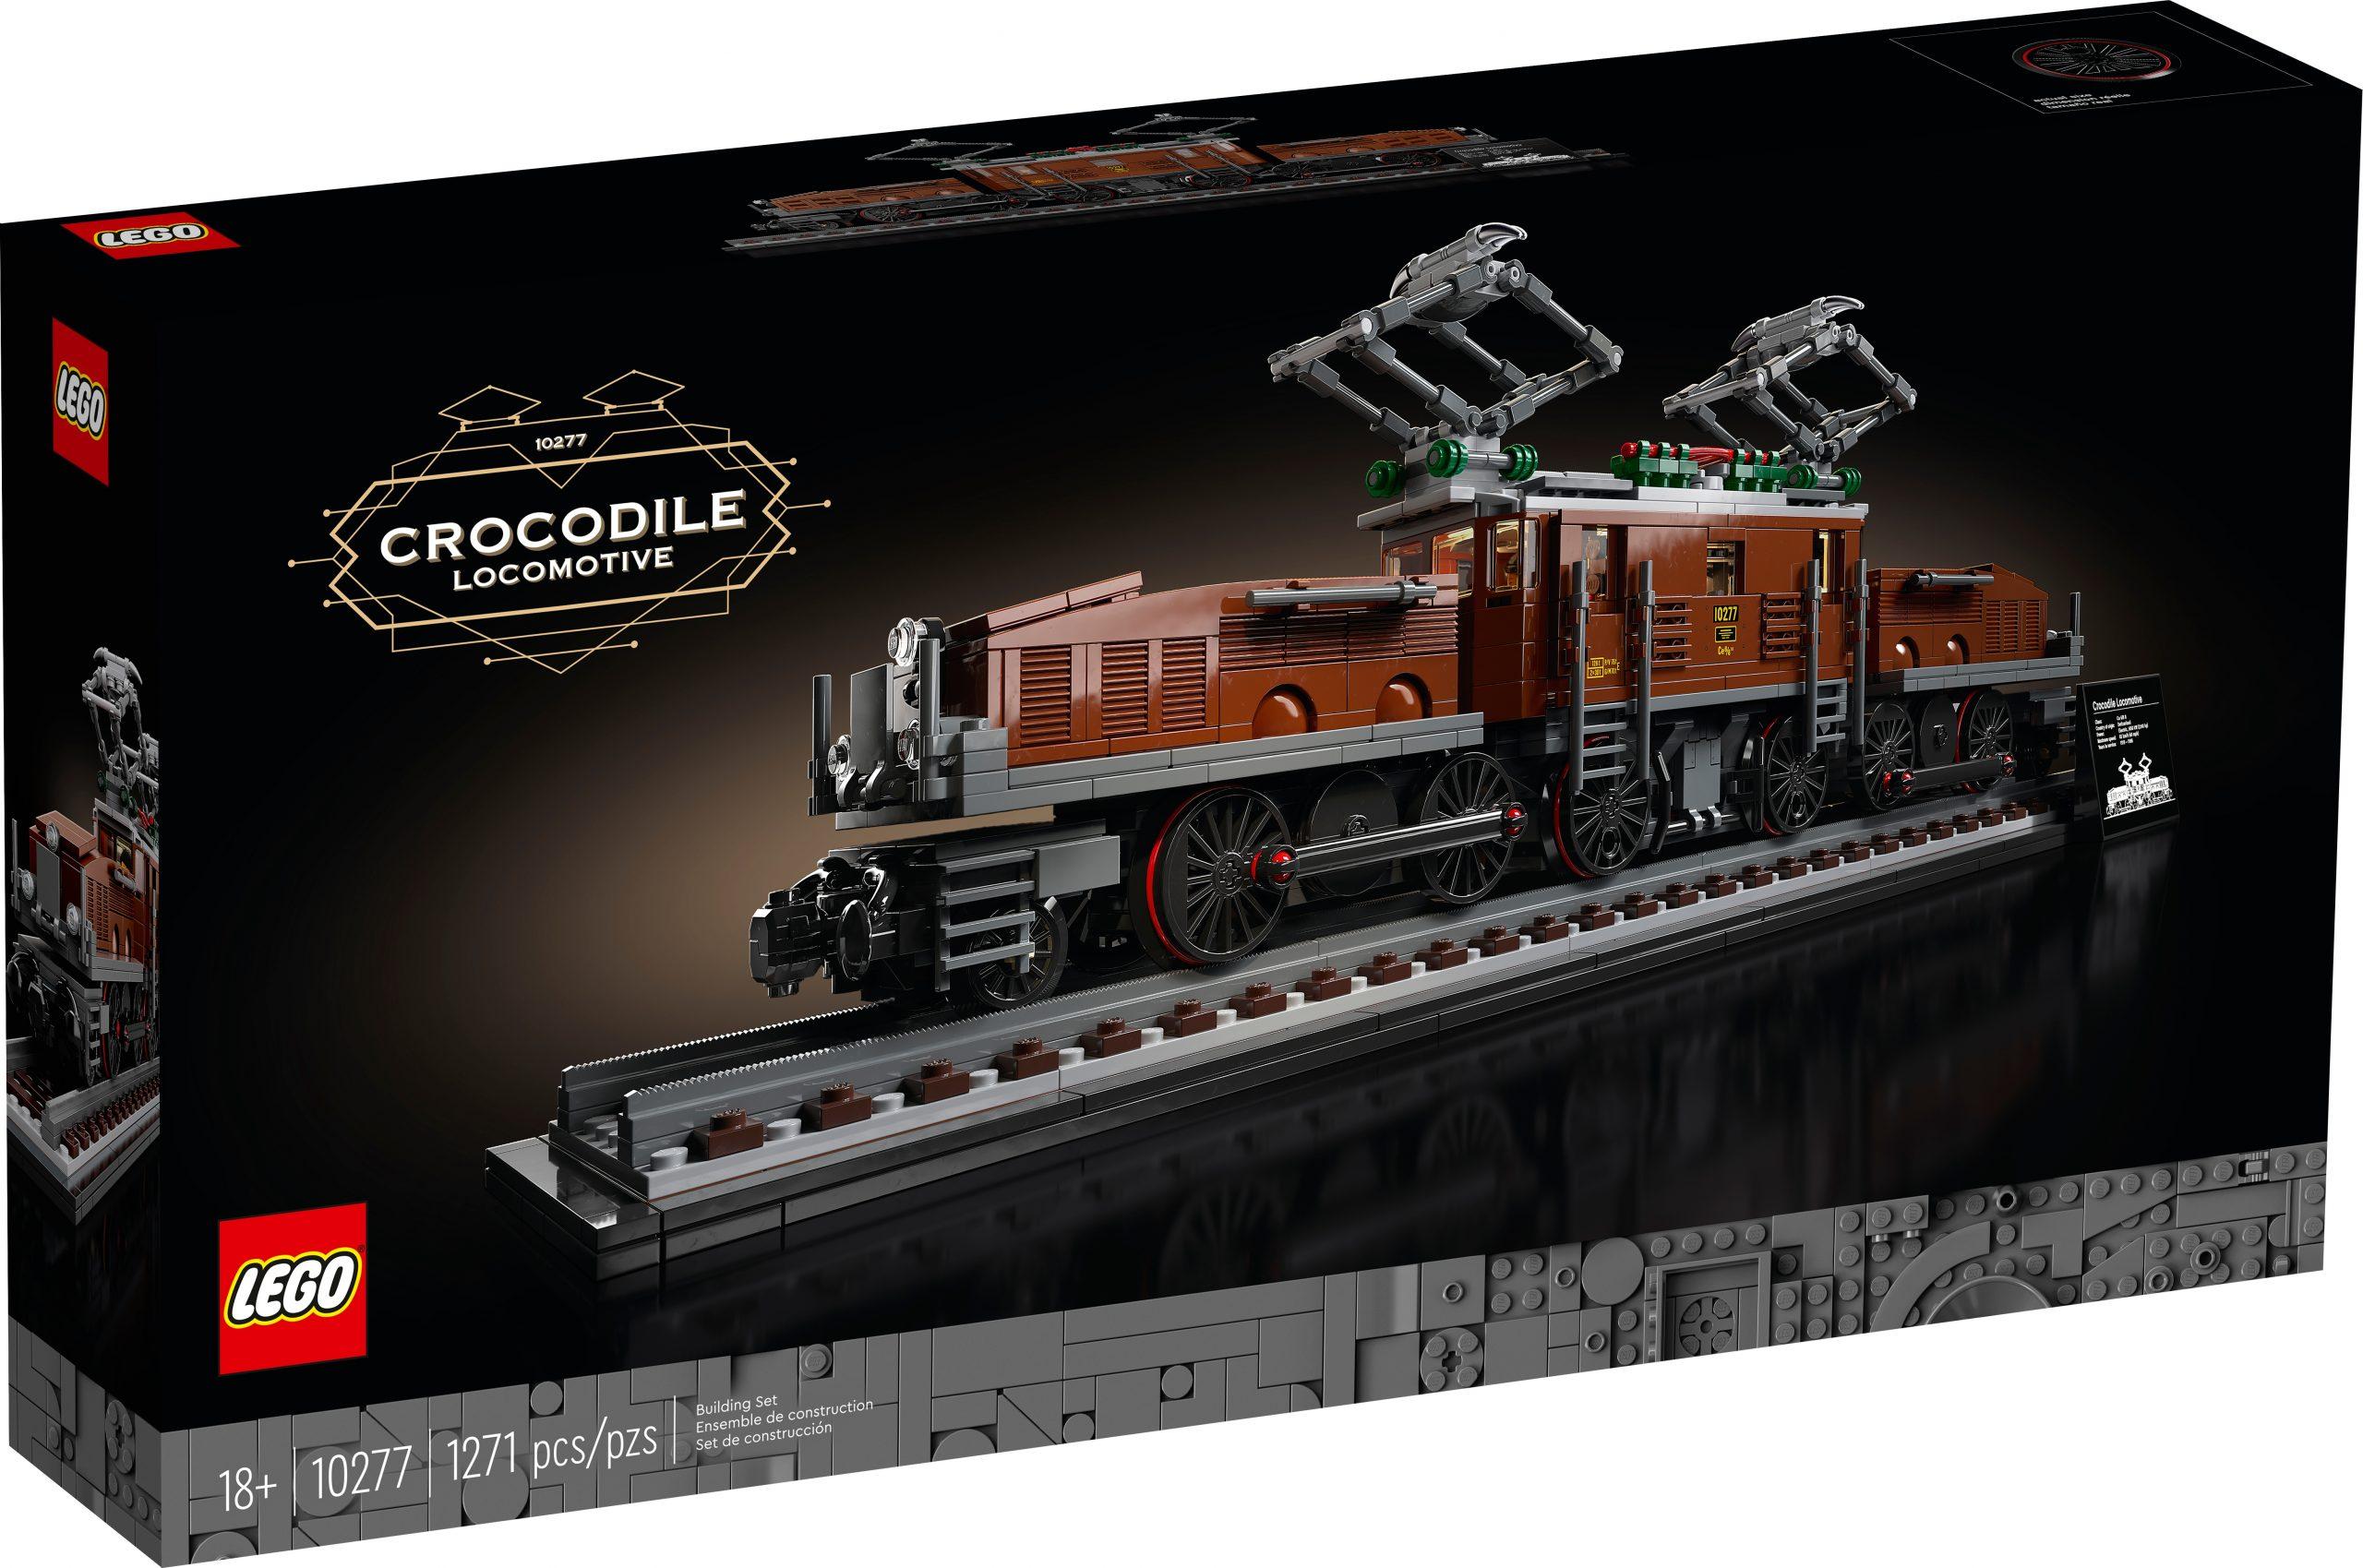 lego 10277 crocodile locomotive scaled